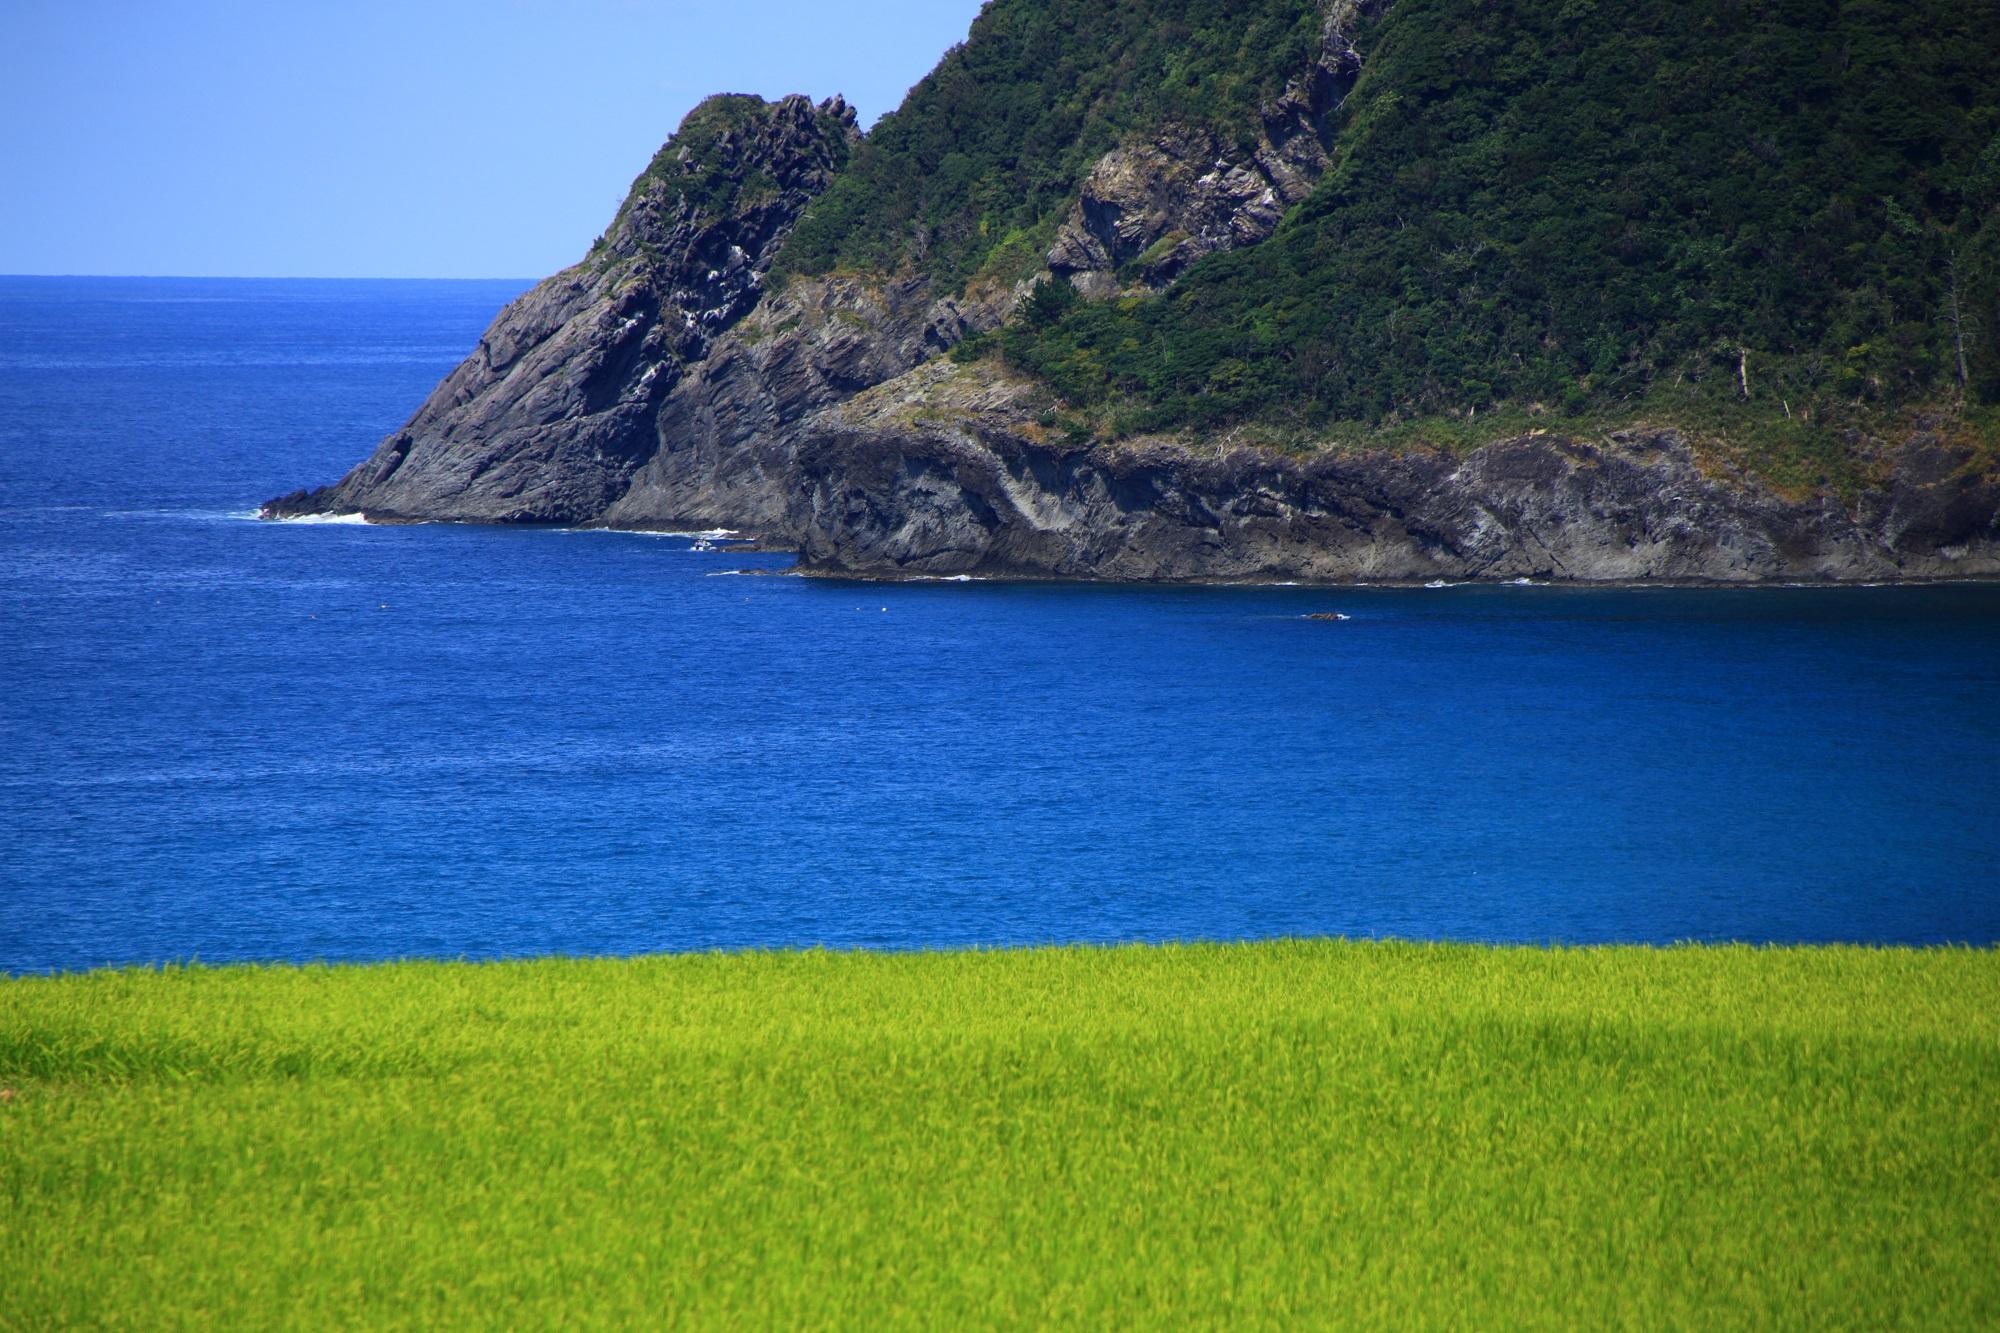 犬ヶ岬と手前の美しい緑の田んぼ